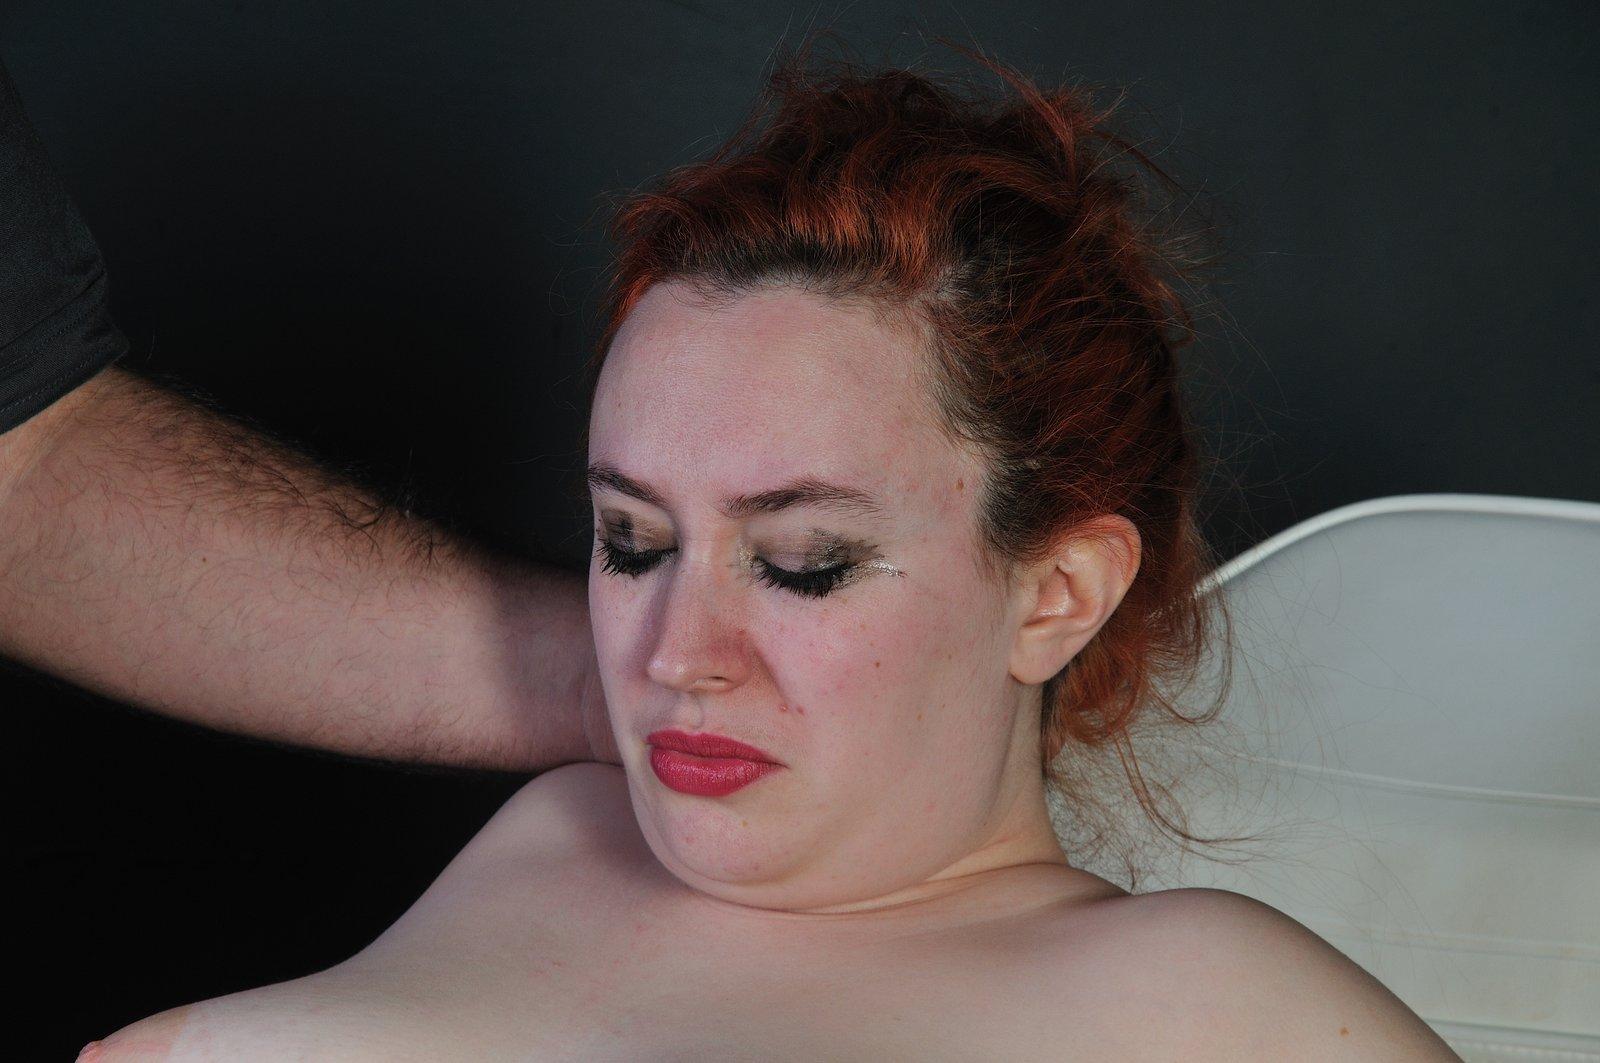 young girl wet panties